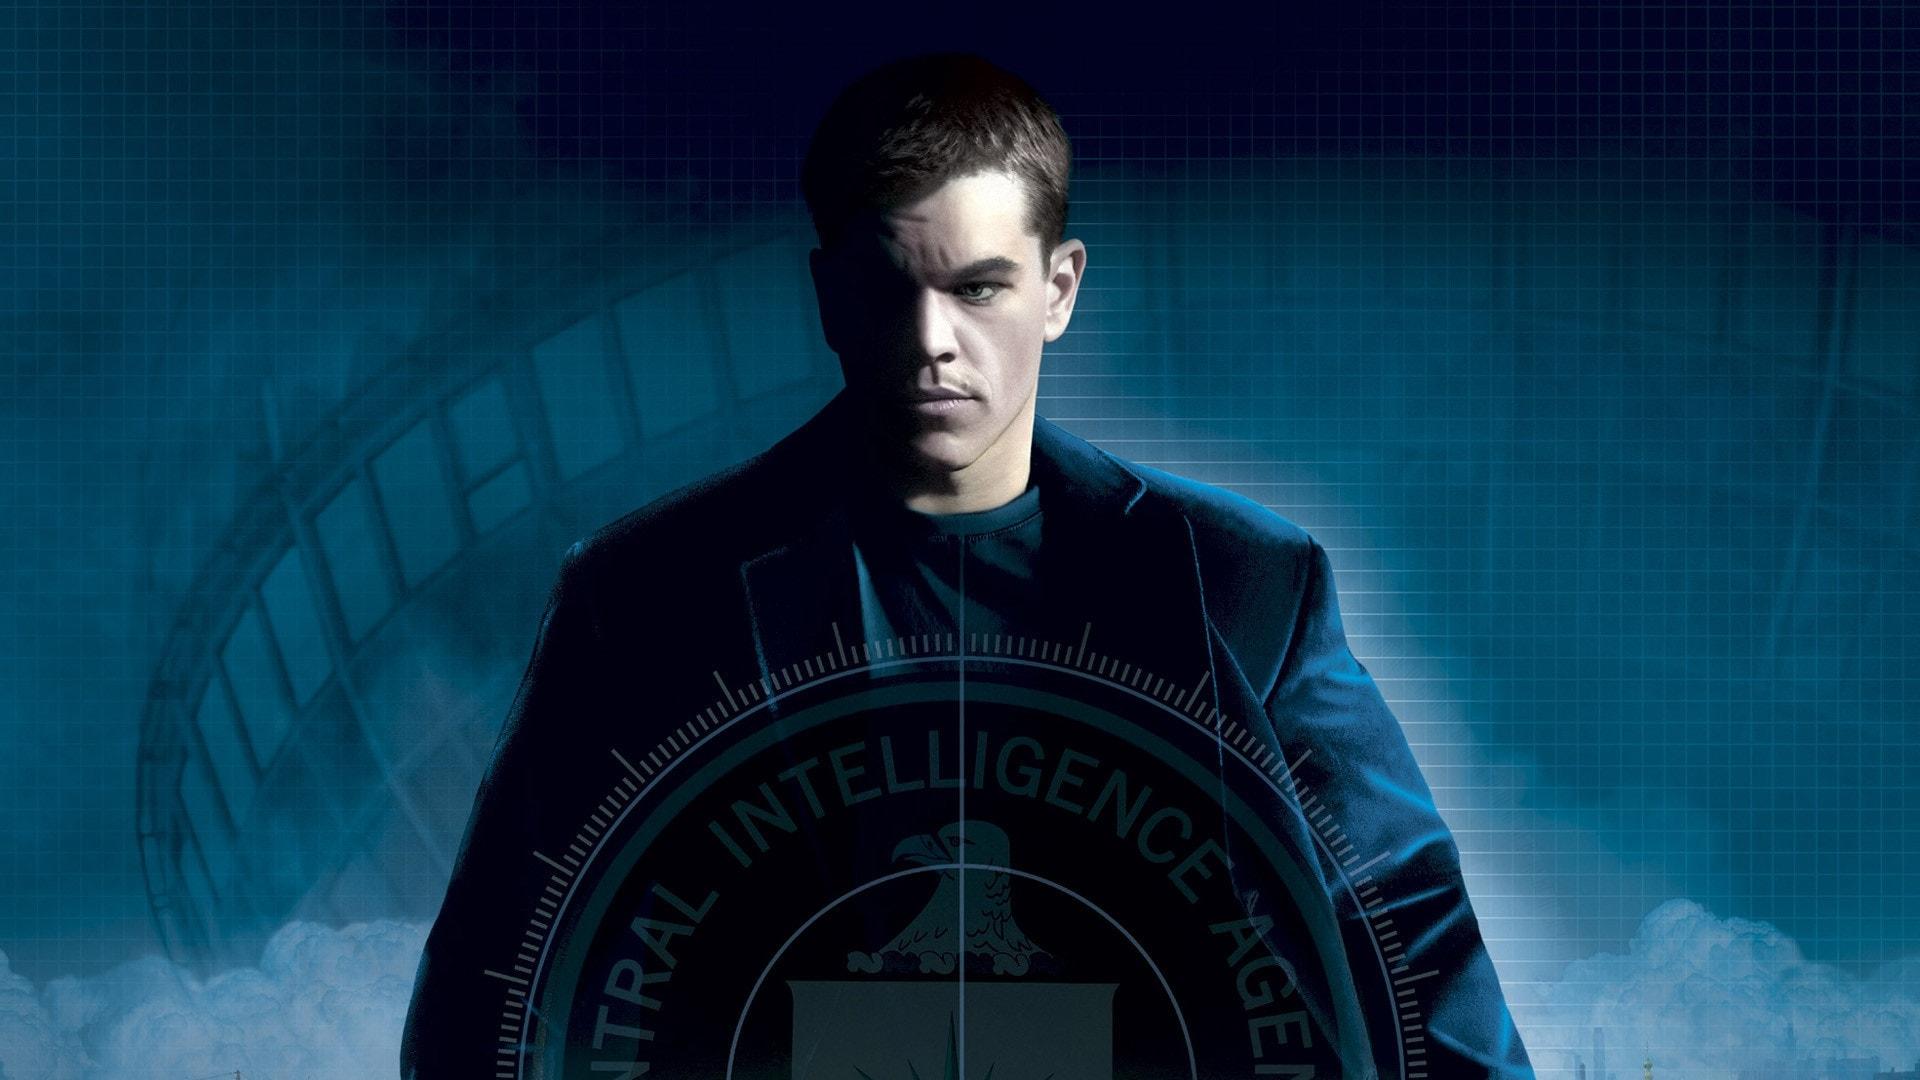 Untitled Jeremy Renner/Bourne Sequel widescreen for desktop